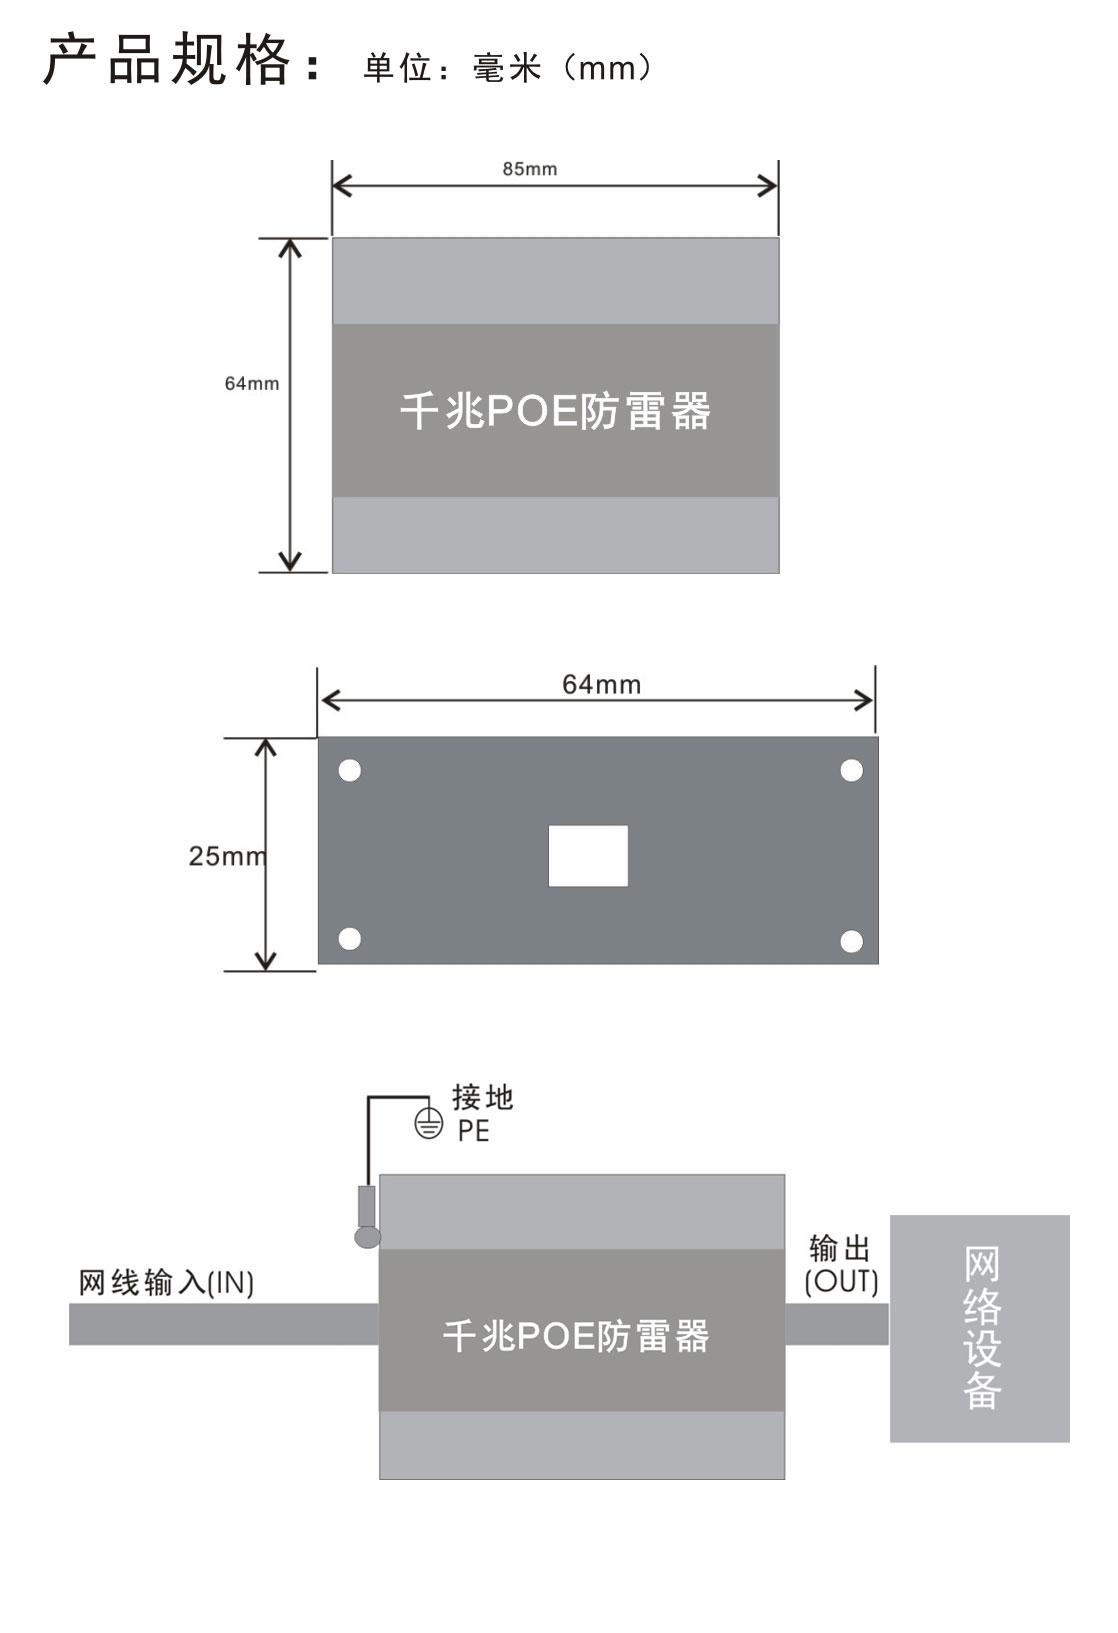 摄像机电涌保护器依据iec及itu-t相关防雷标准设计,采用多级保护电路